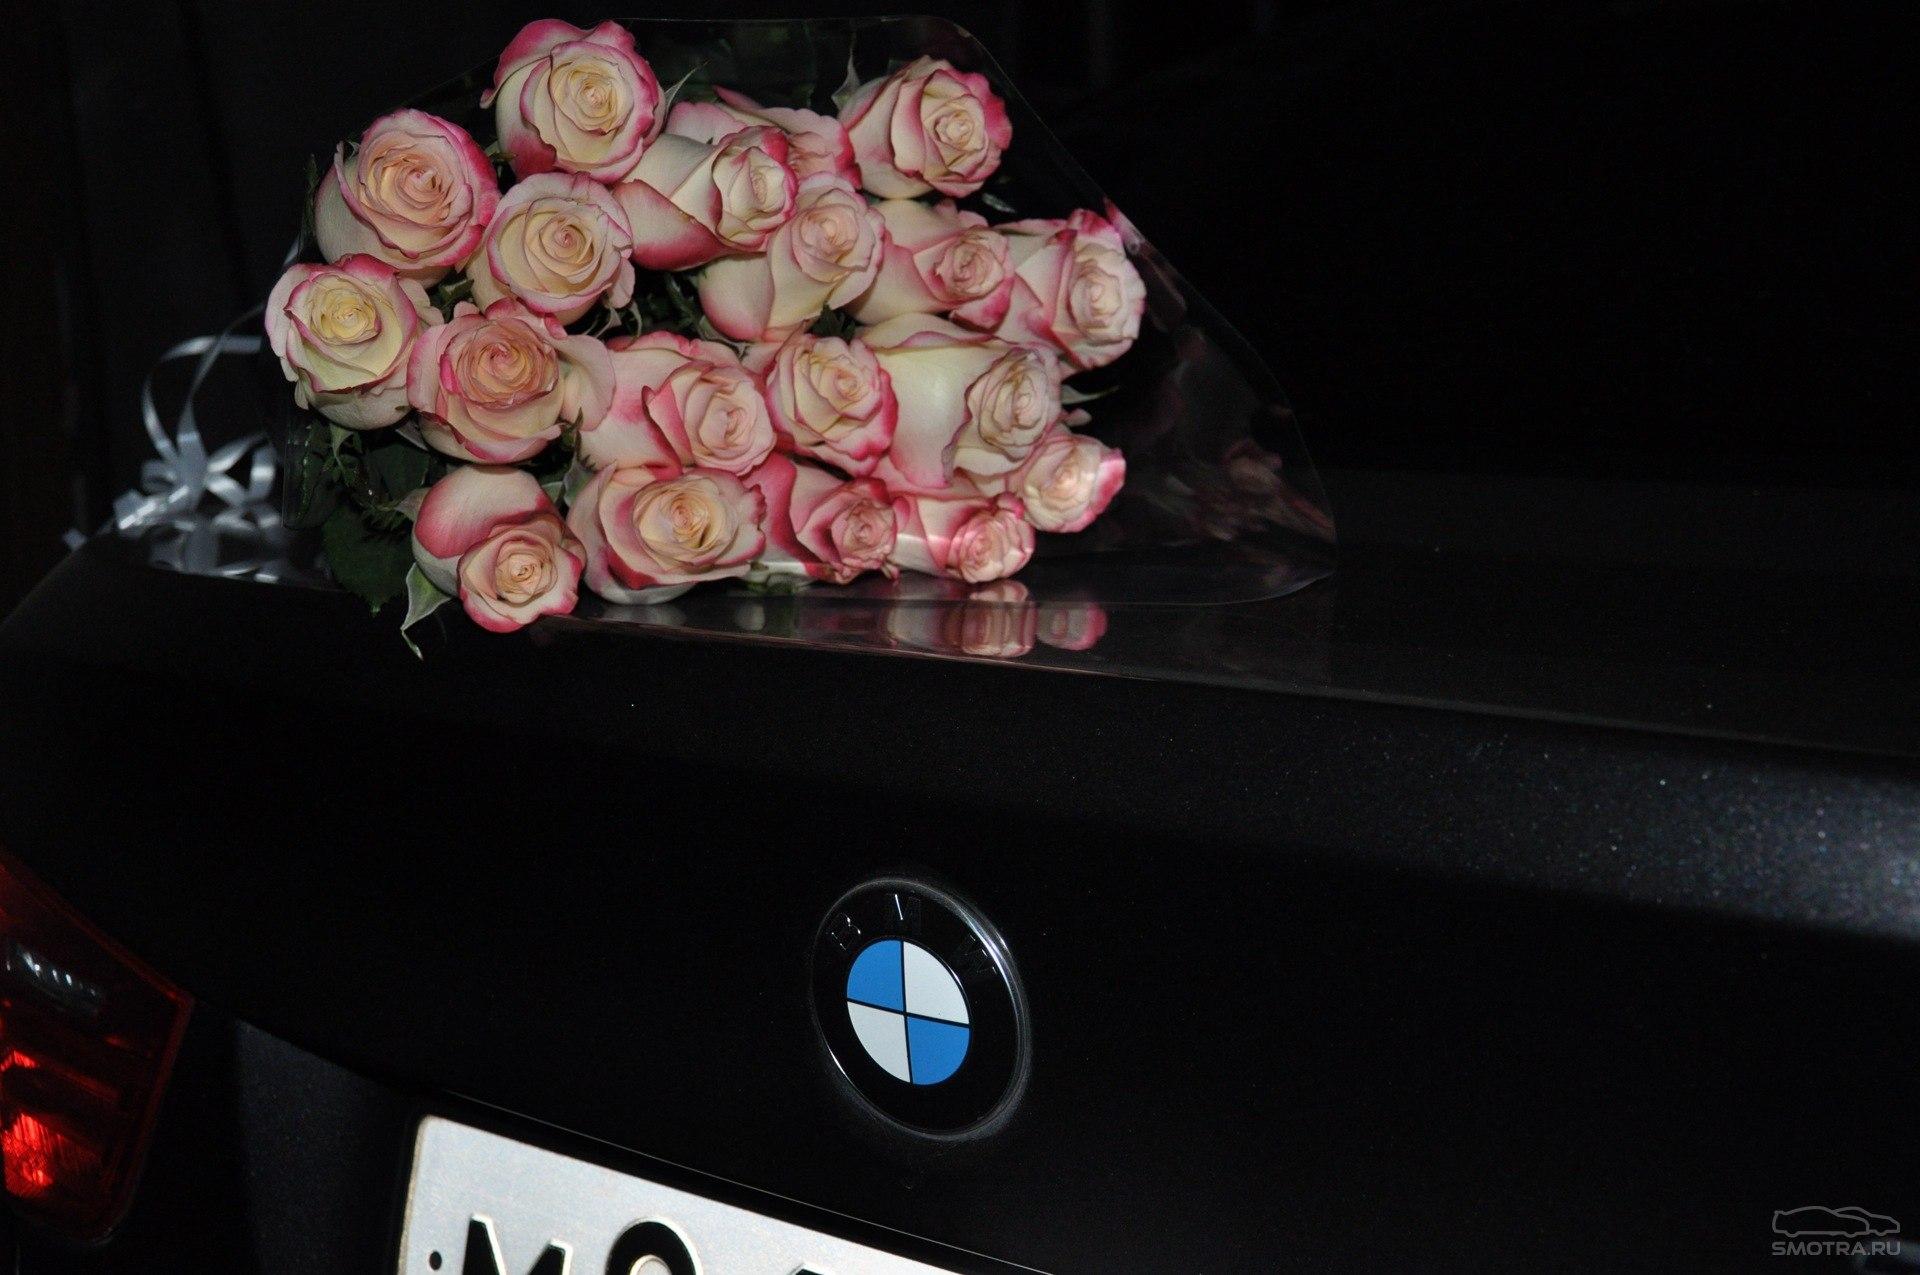 Фото с букетом цветов в машине